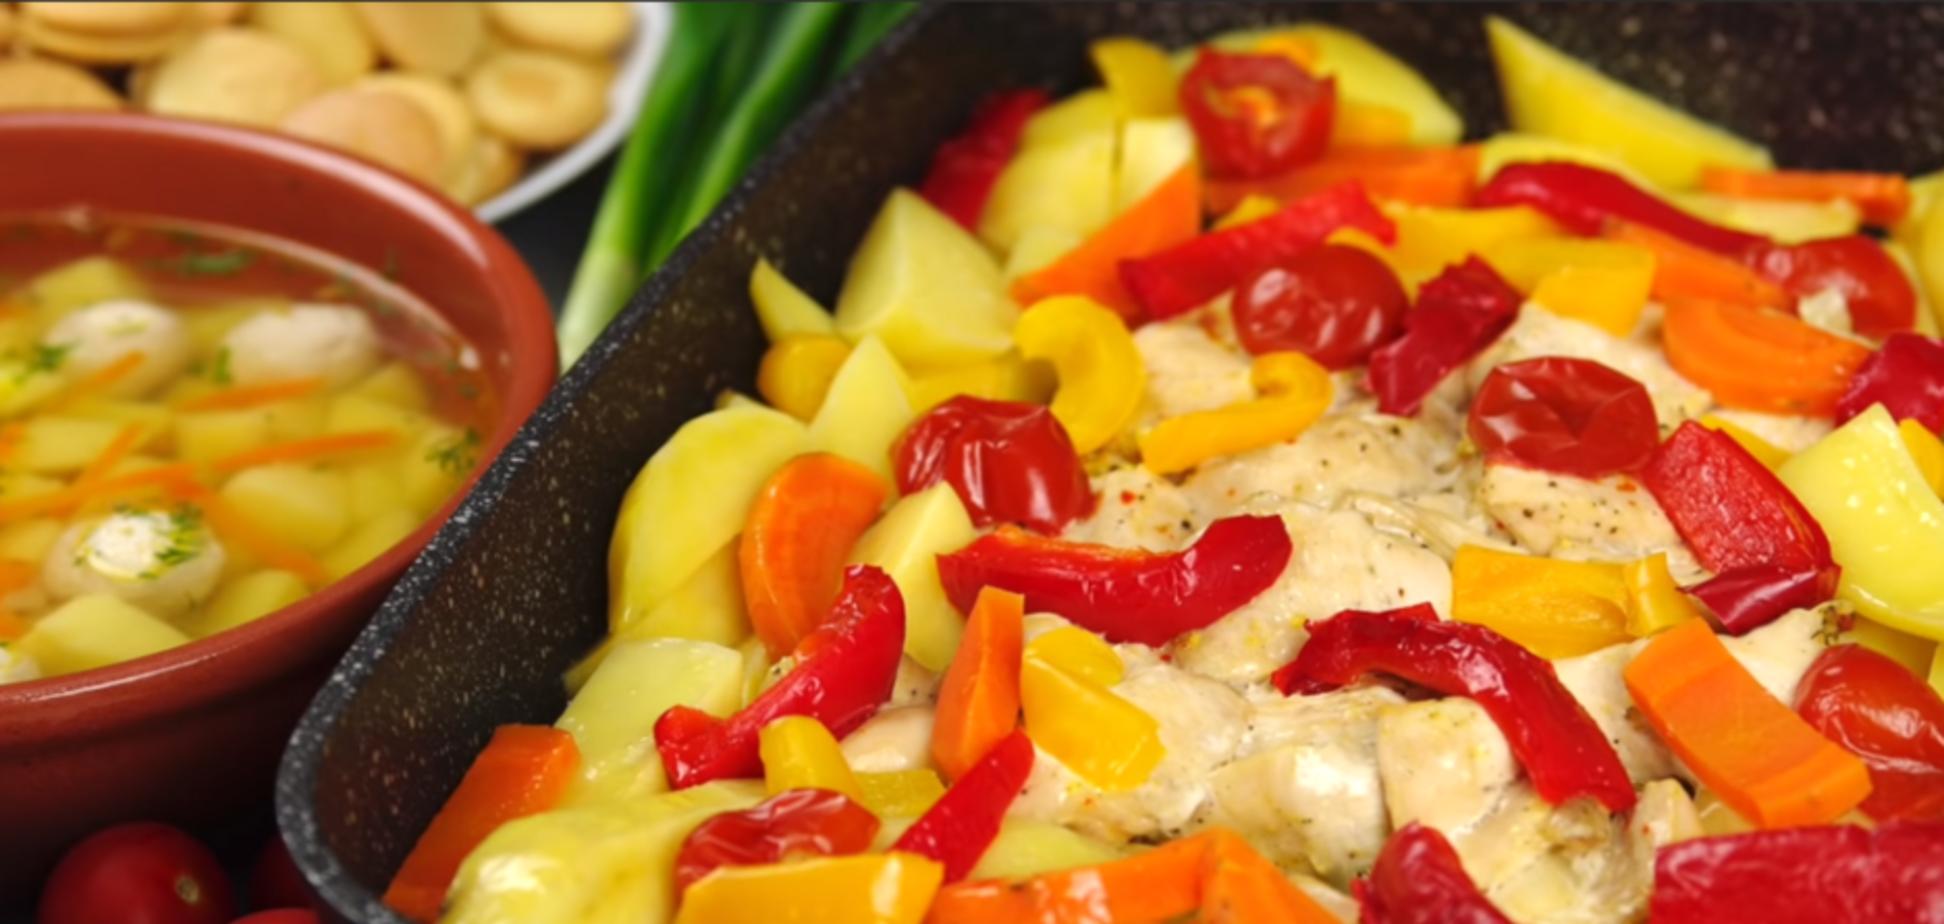 Что приготовить на ужин быстро и вкусно: топ-3 рецепта блюд